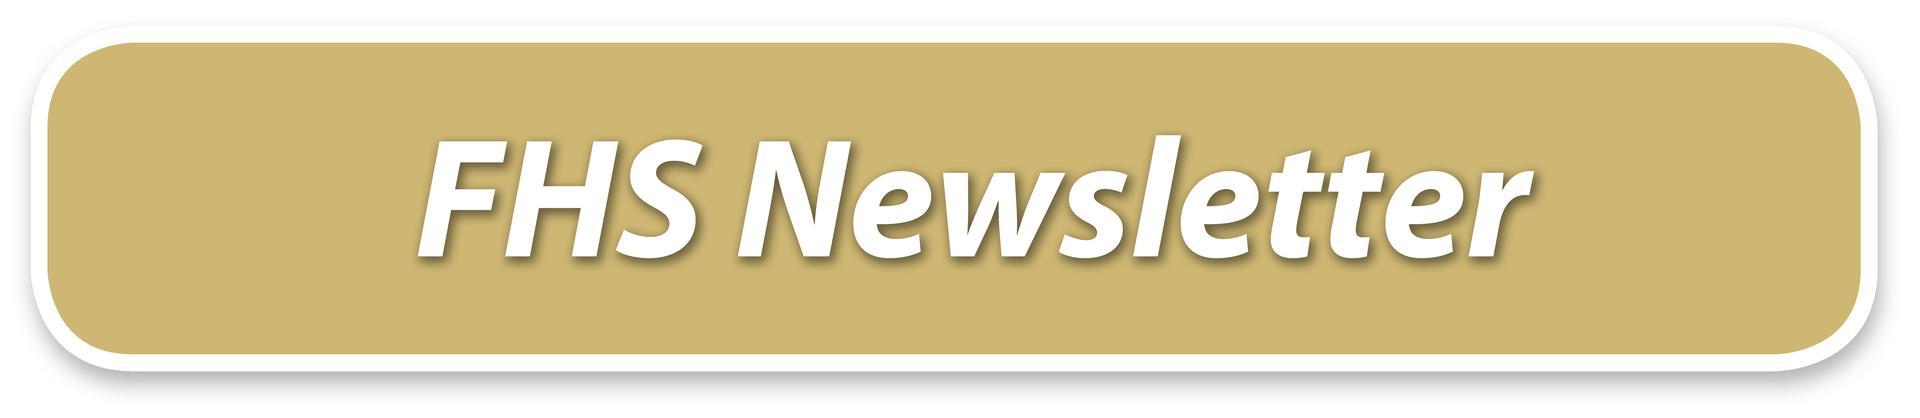 FHS Newsletter